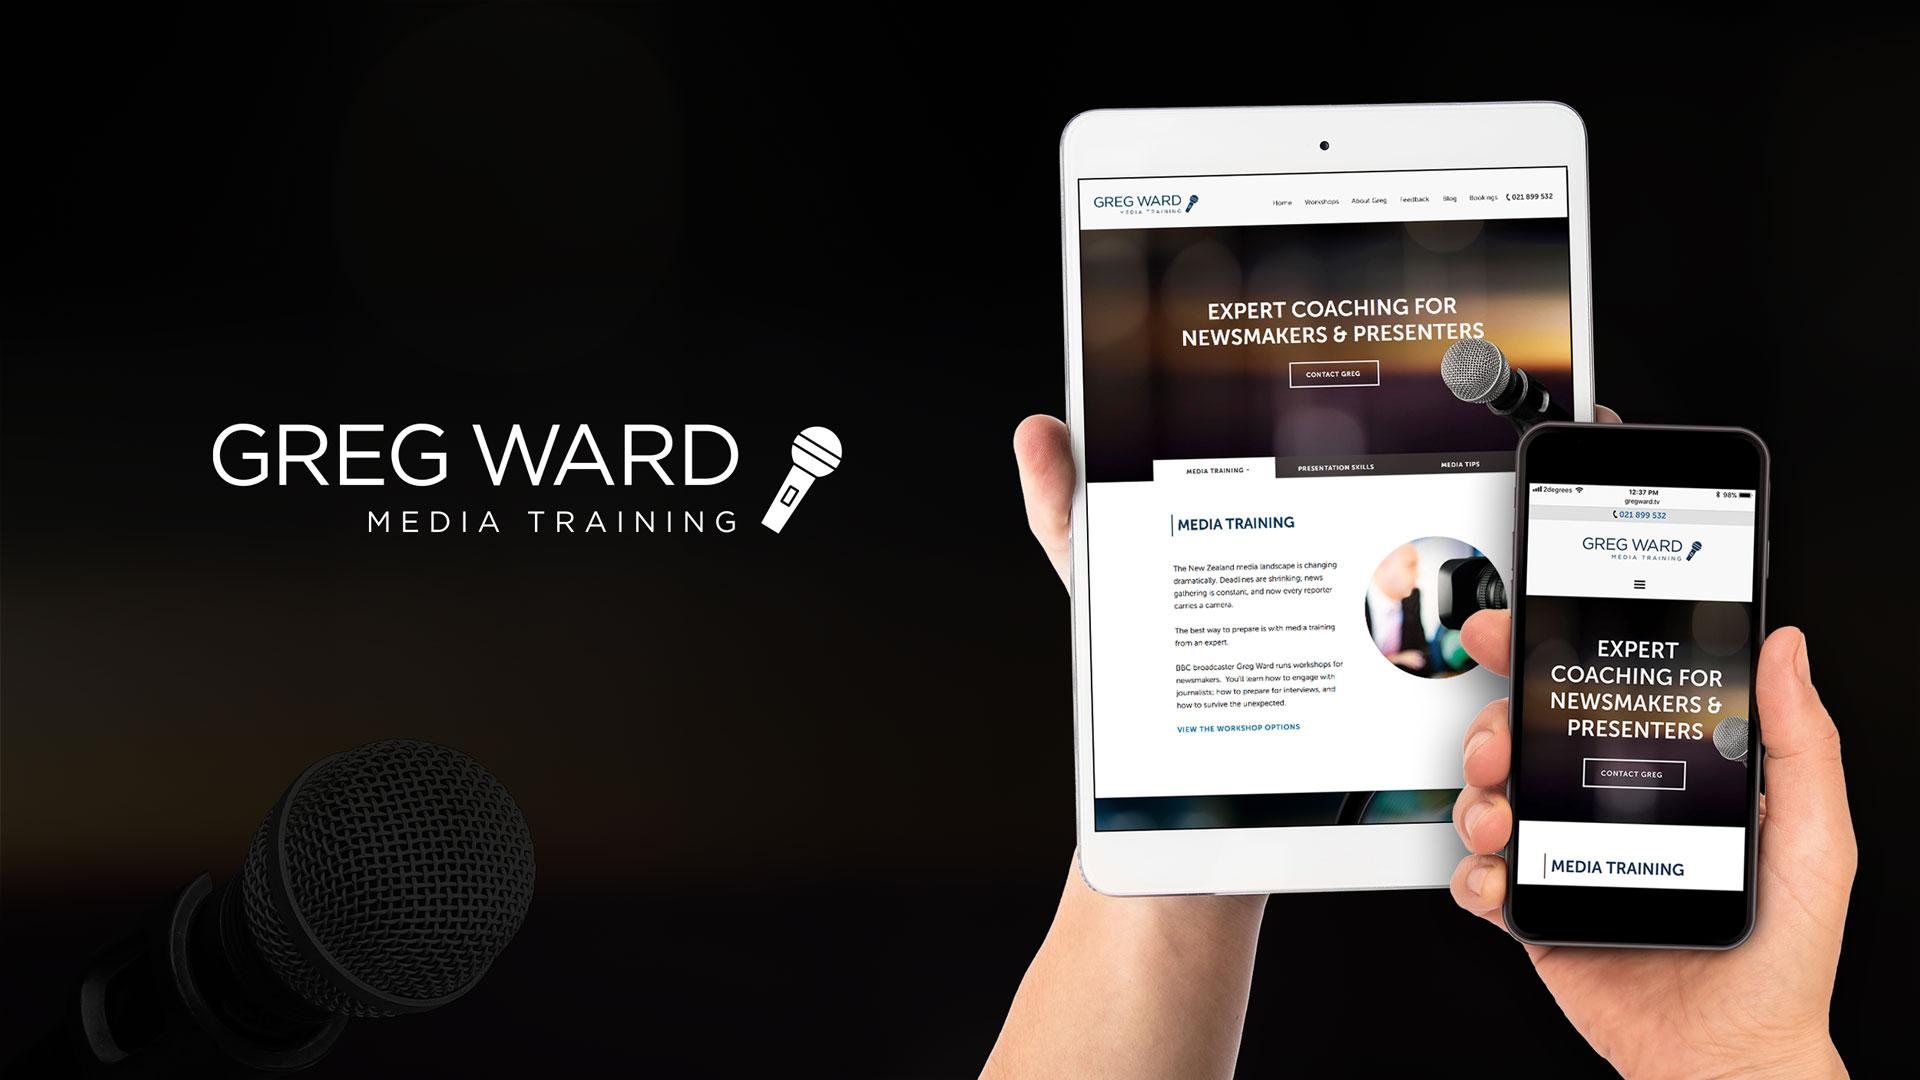 Greg Ward Media Training